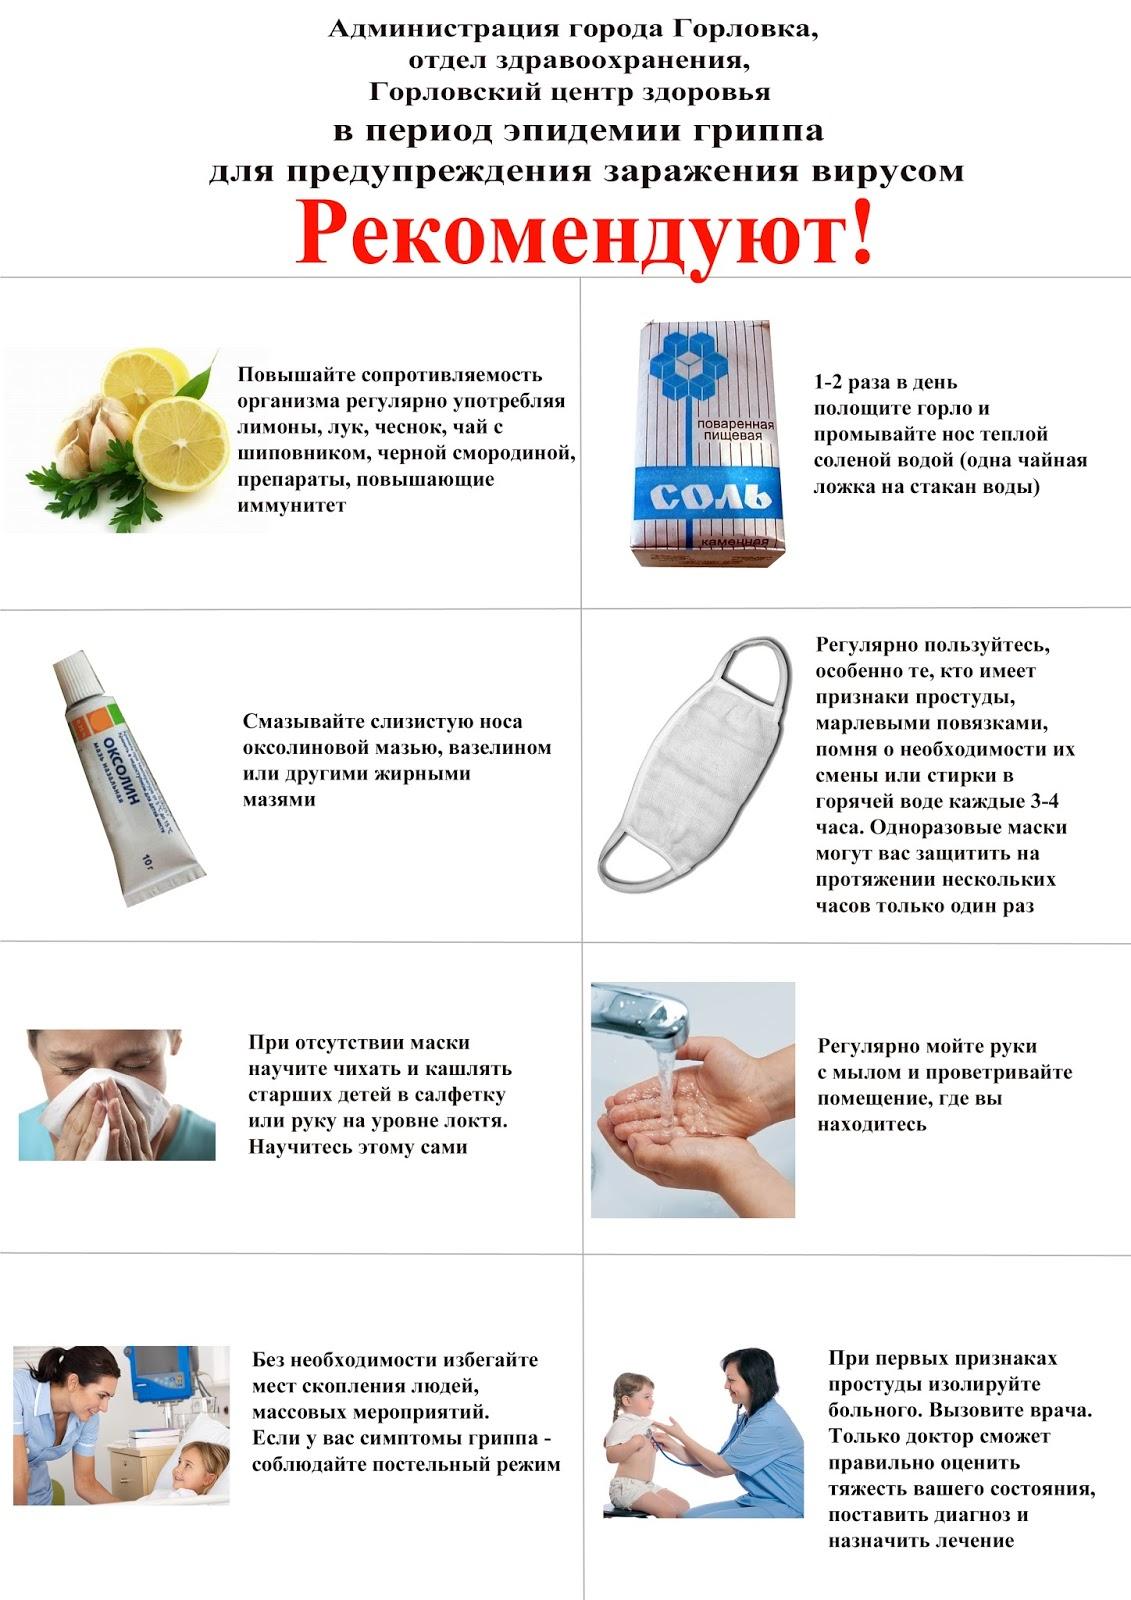 Народные средства от простуды для детей: вся правда о применении и рекомендации рецептов